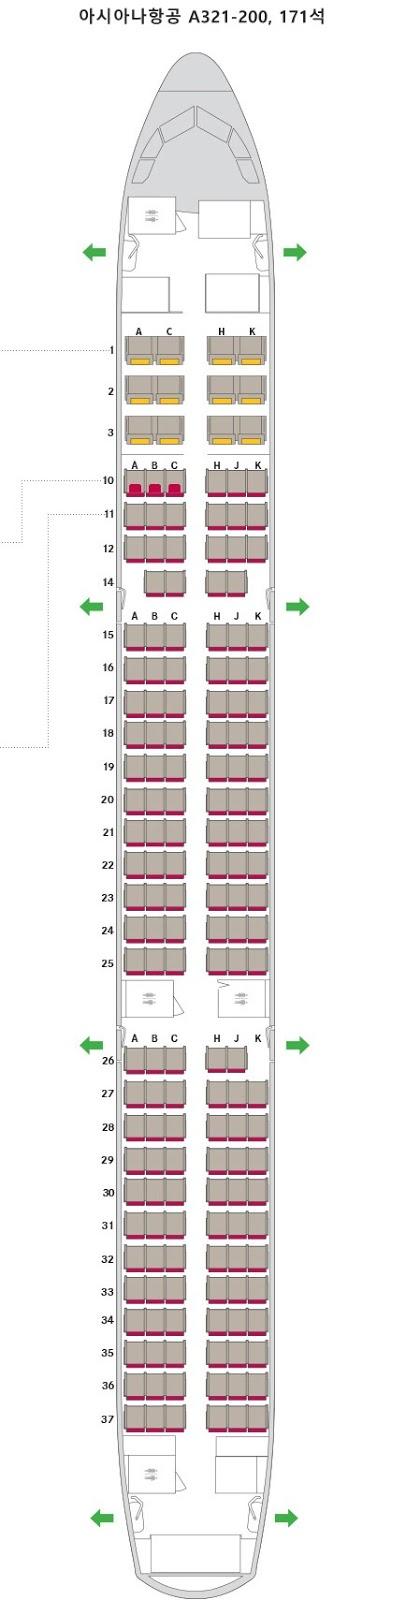 아시아나항공 A321-200, 171석